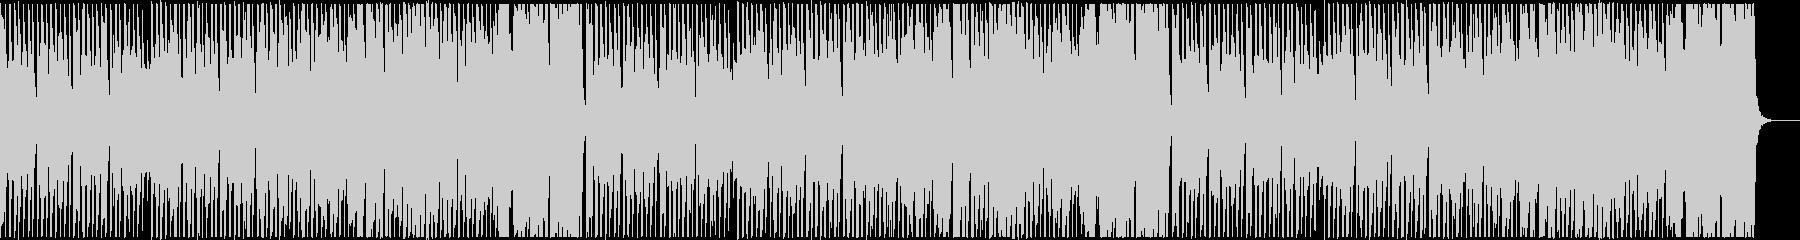 ほのぼのとして元気な曲_タイプAの未再生の波形